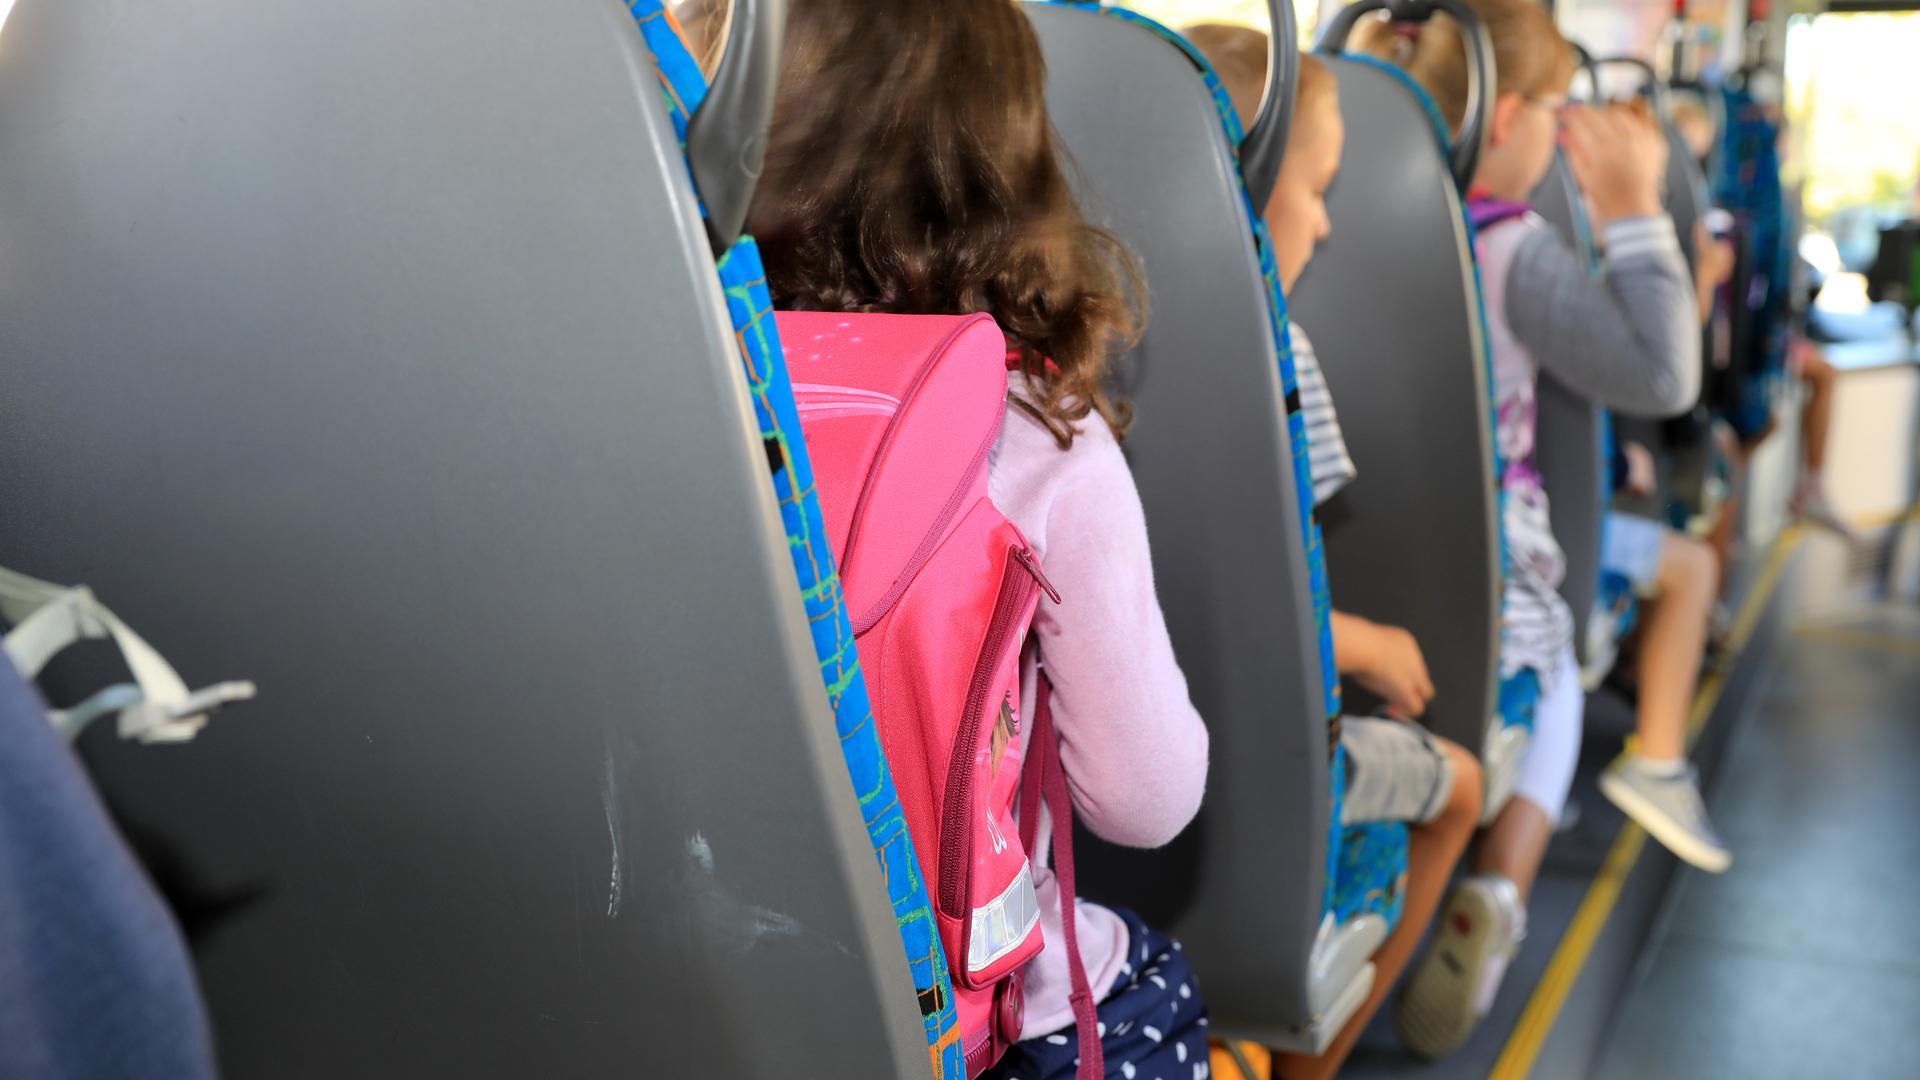 Kinder sitzen mit ihrem Ranzen in einem Schulbus.